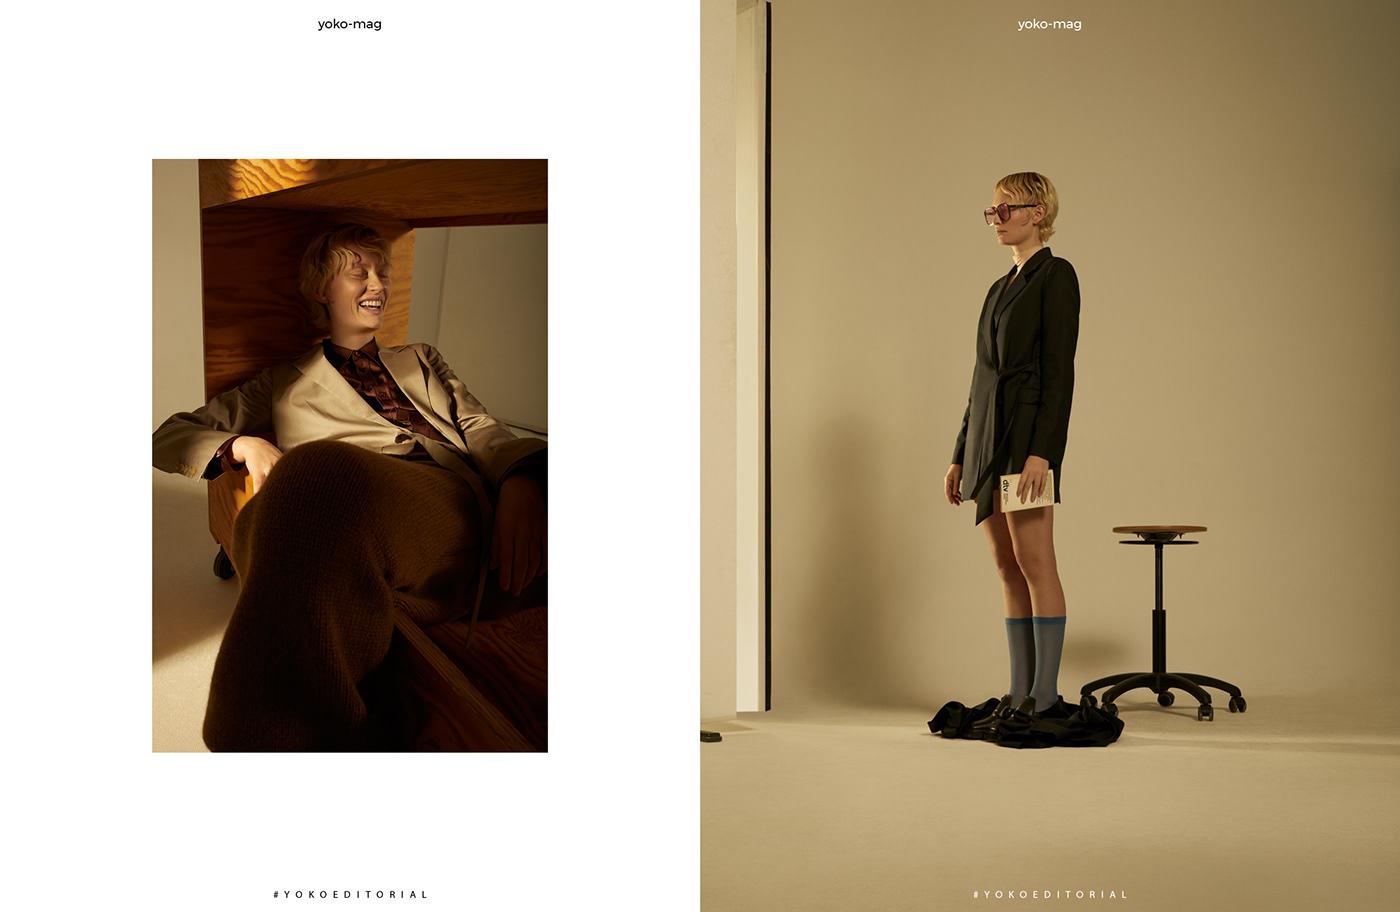 Image may contain: wall, clothing and man